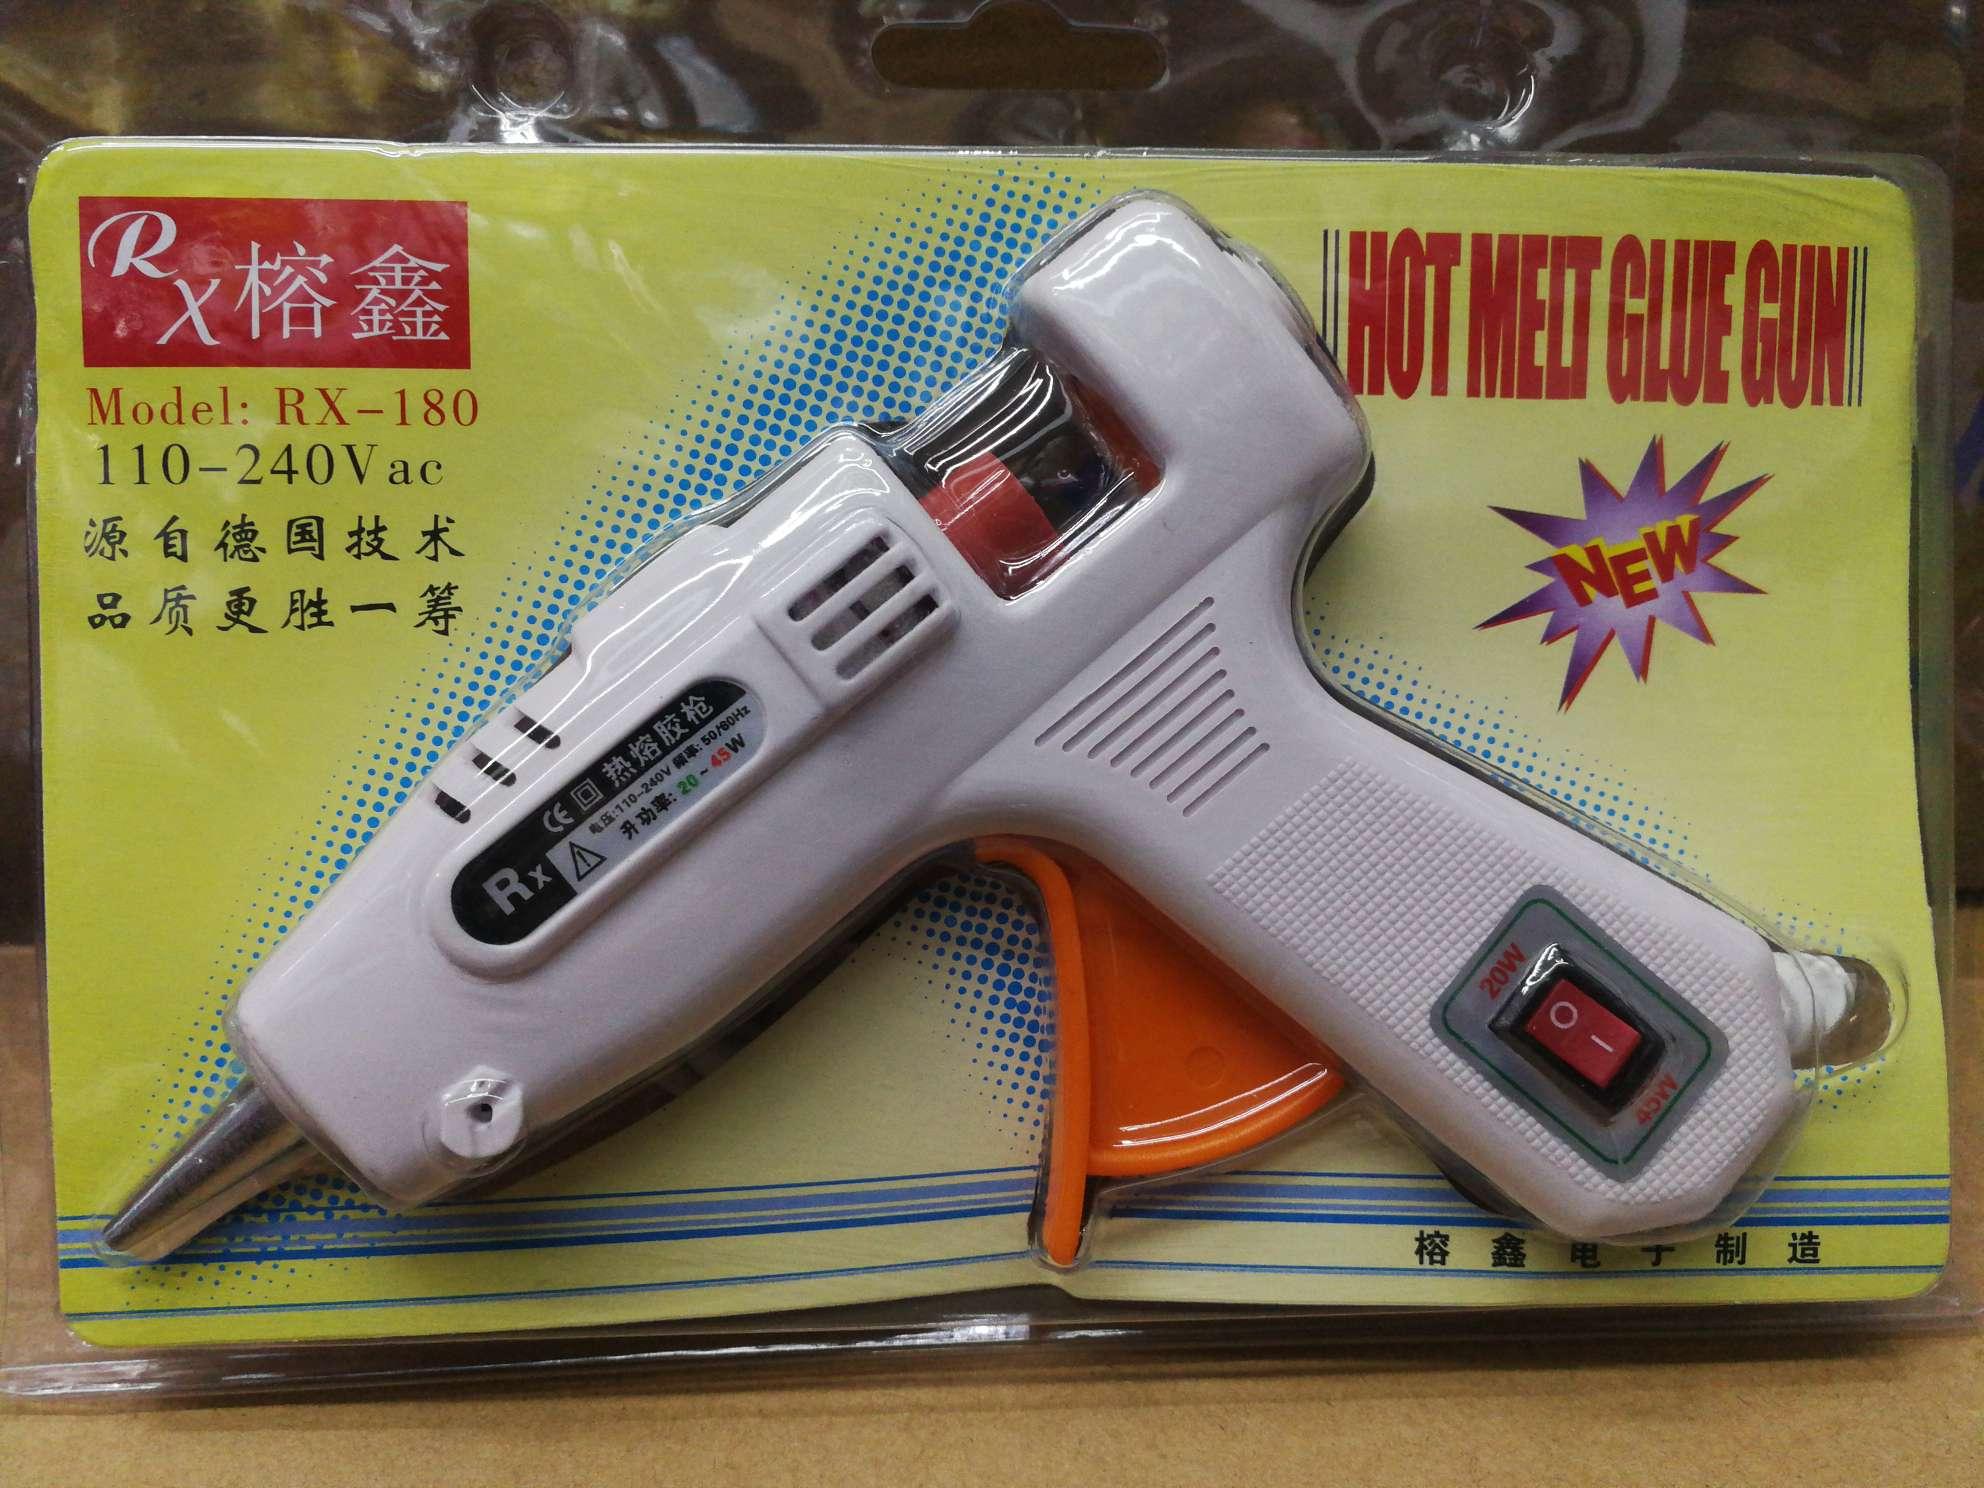 榕鑫RⅩ-180胶枪,20w~45w可调温